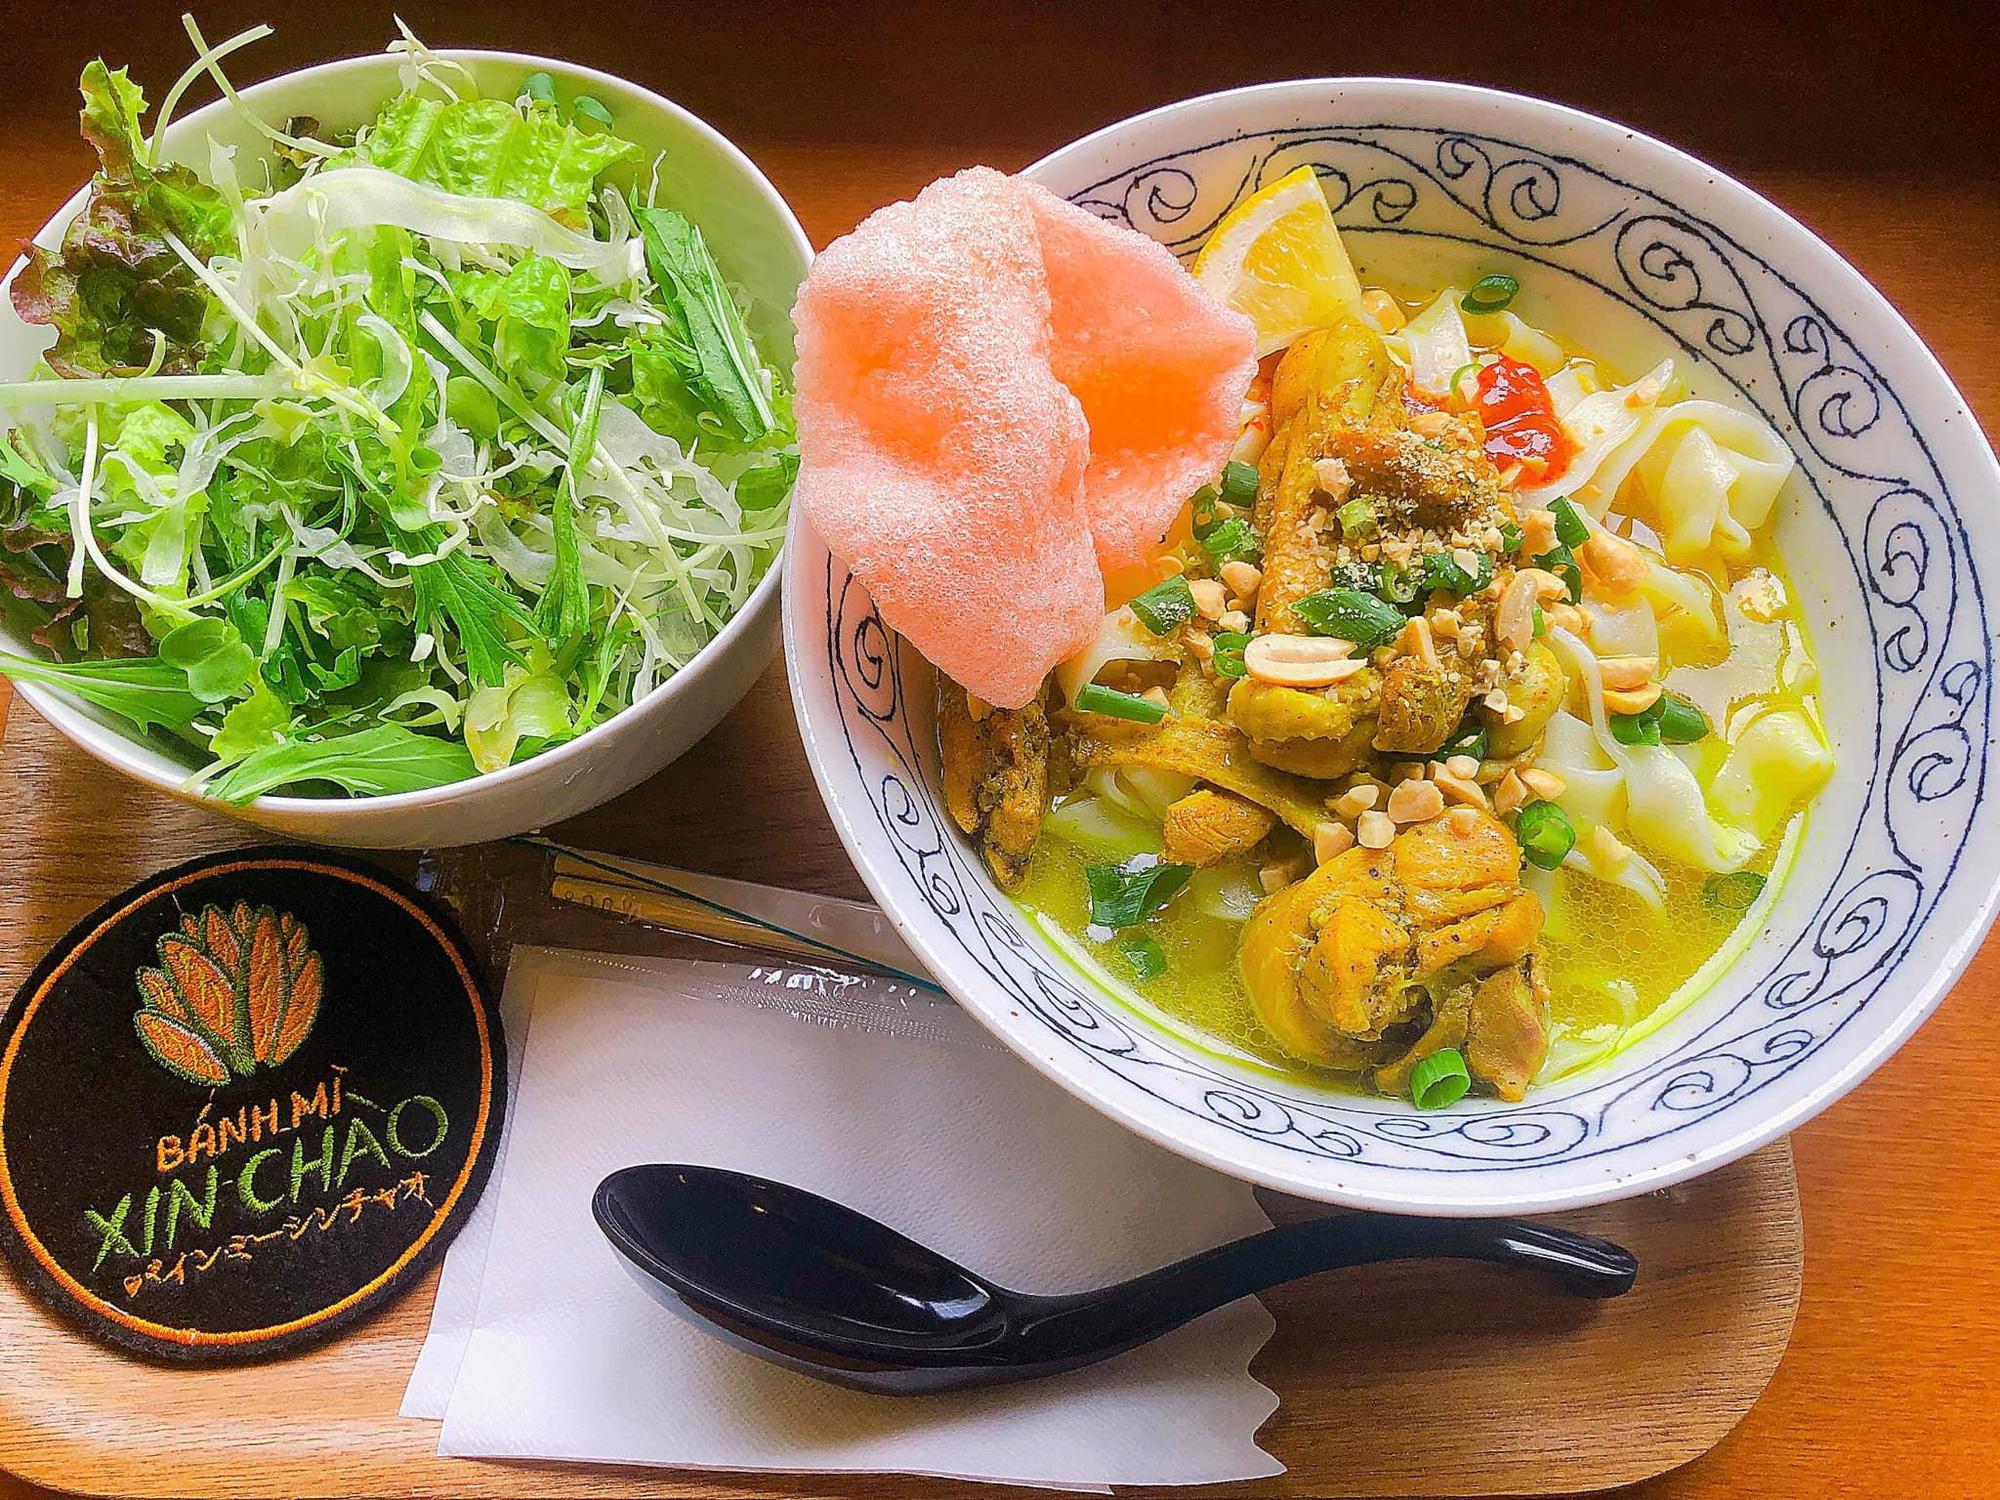 Tiệm bánh mì Việt Nam của hai anh em du học sinh trên tại Nhật Bản, giá đến hơn trăm nghìn/ổ vẫn đông nghịt khách đến - Ảnh 6.